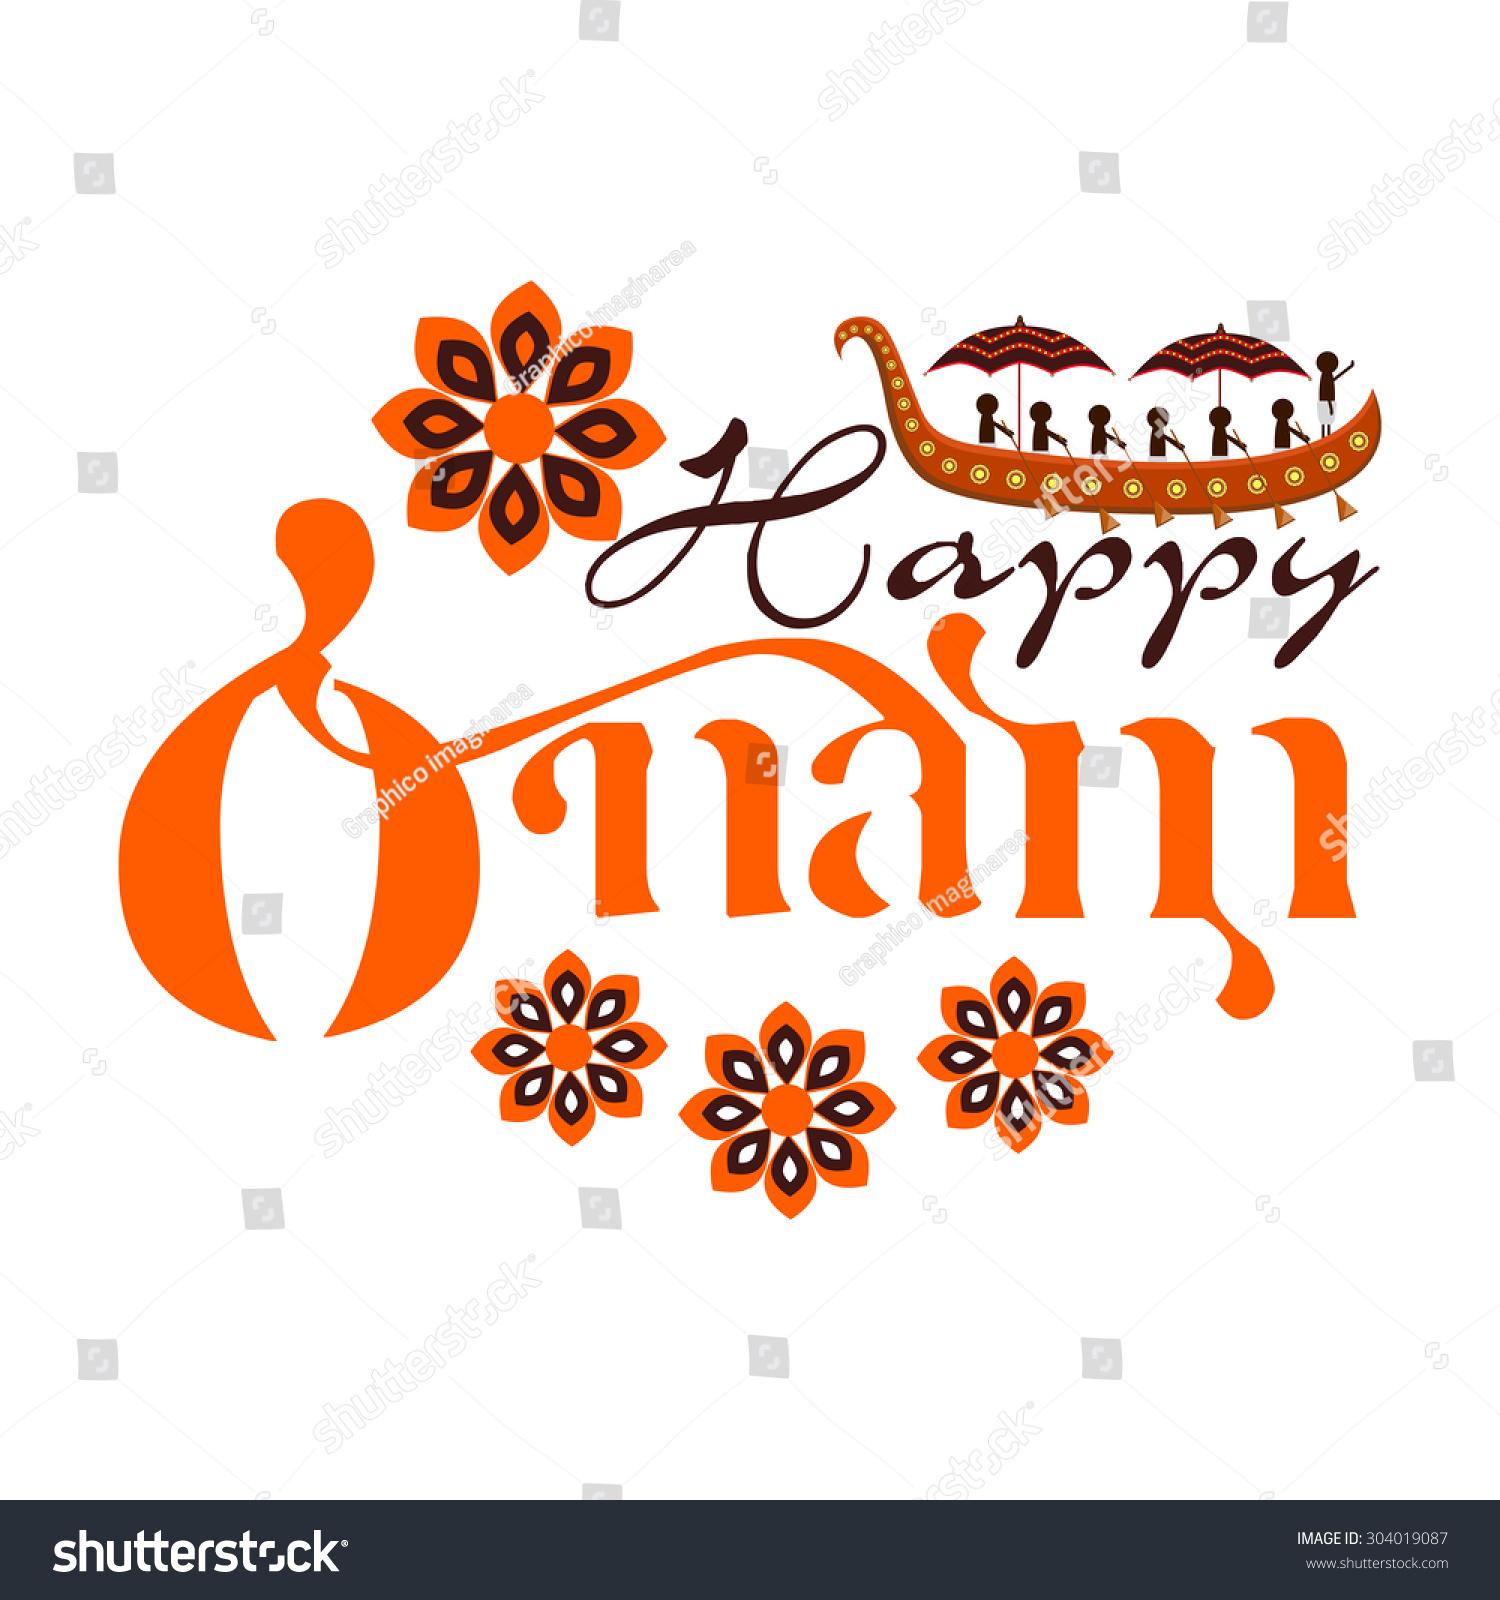 Happy Onam PNG - 77572